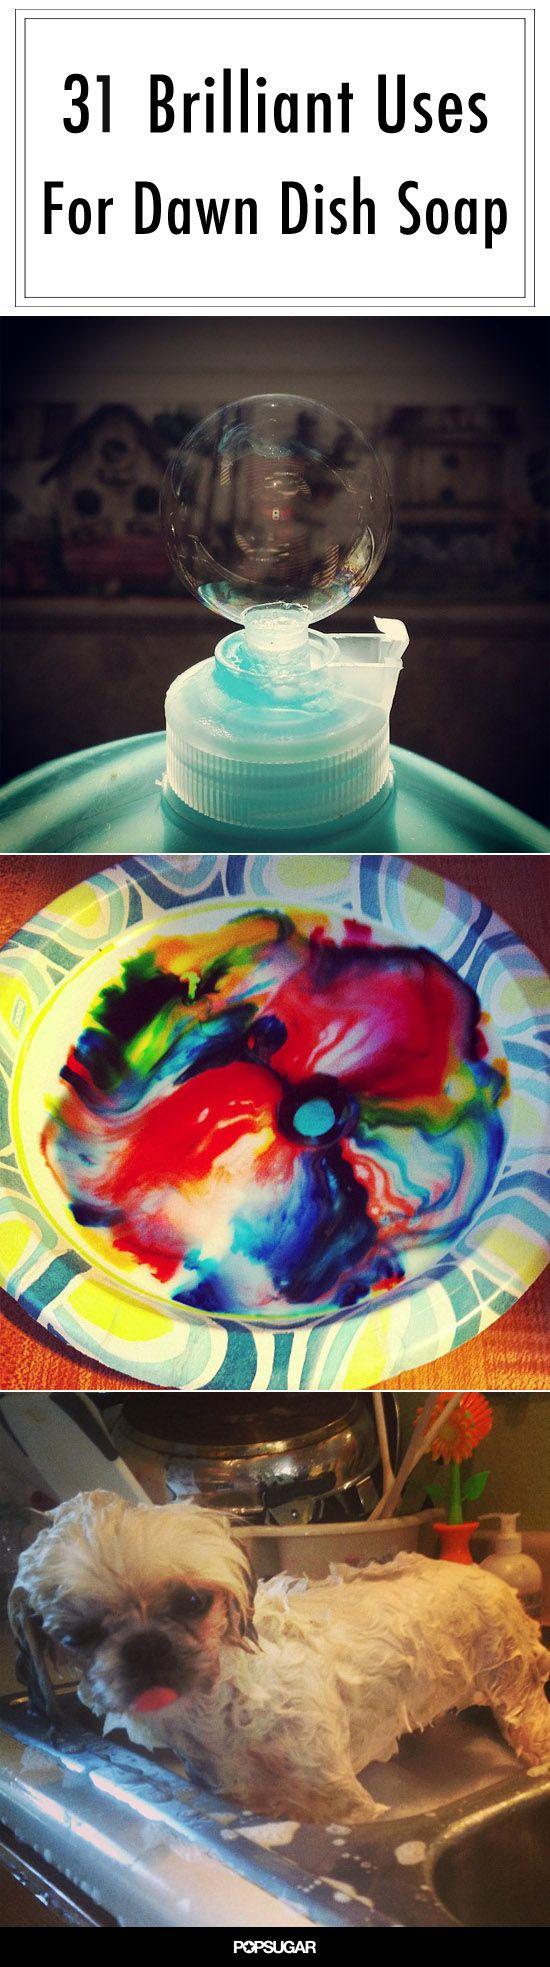 #9 - kill fleas - 1 tbs Dawn, water & spray bottle  31 Brilliant Uses For Dawn Dish Soap